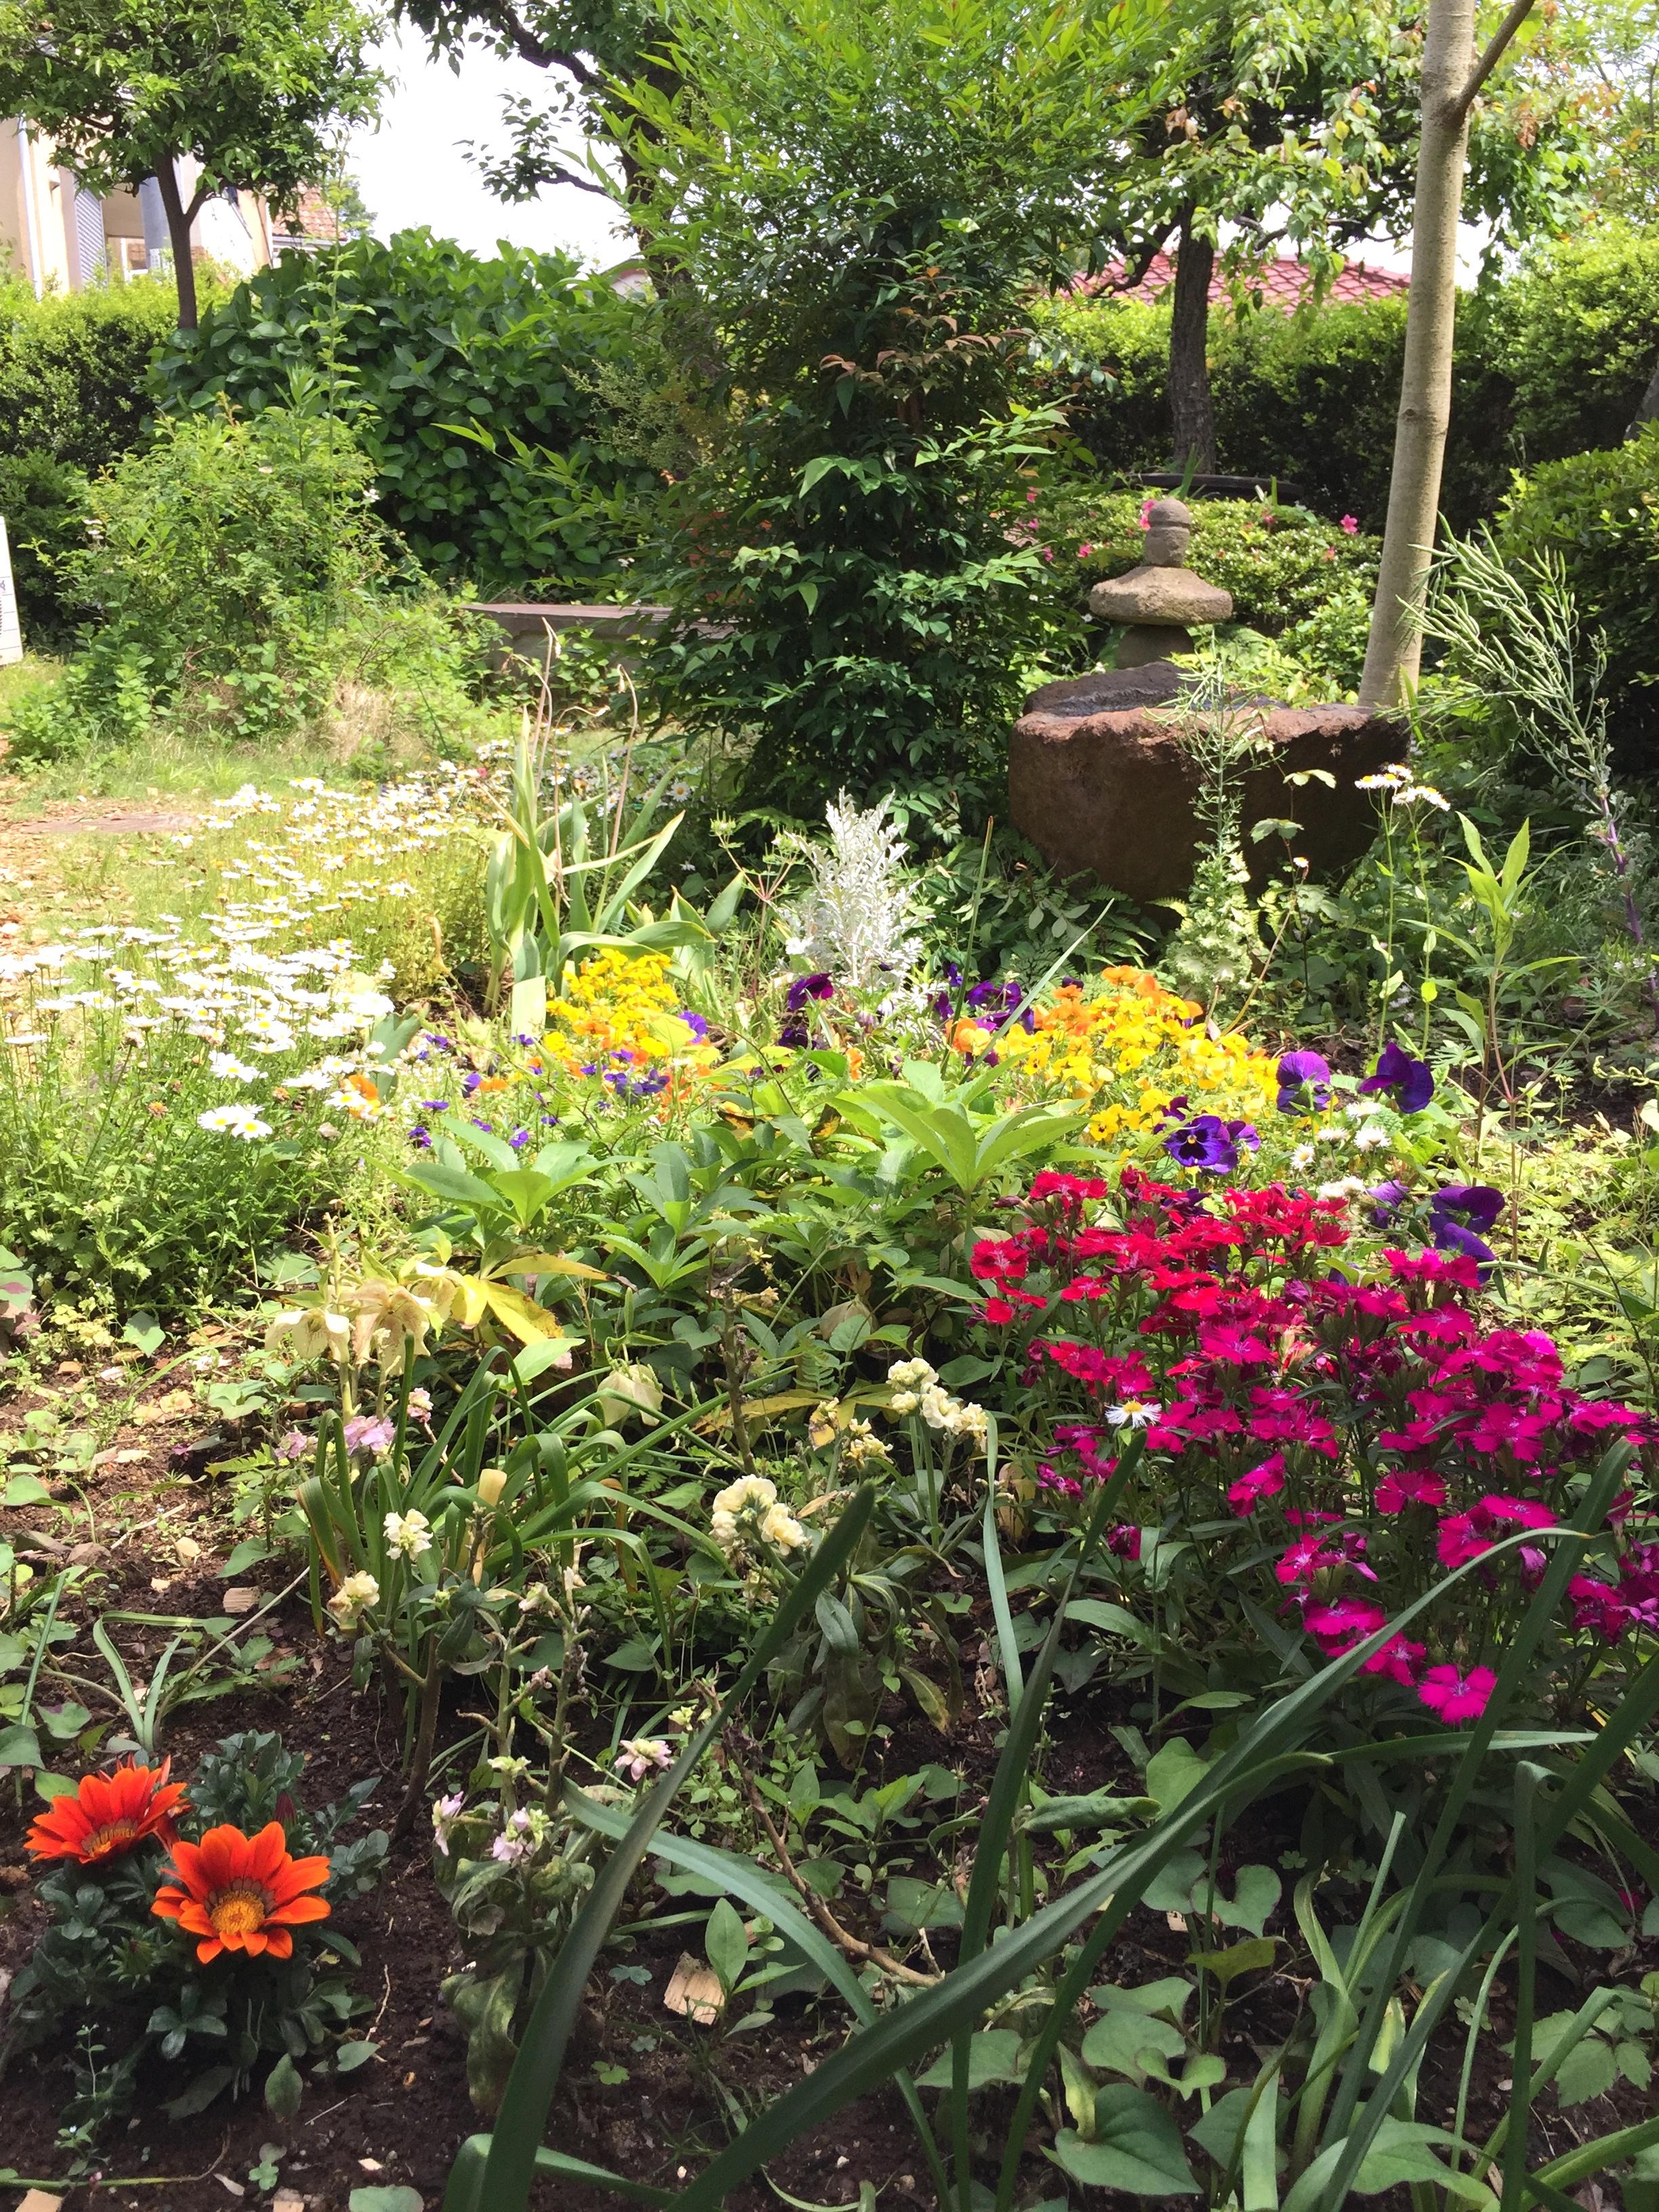 就労移行支援事業所 働くしあわせ JINEN-DOの庭園